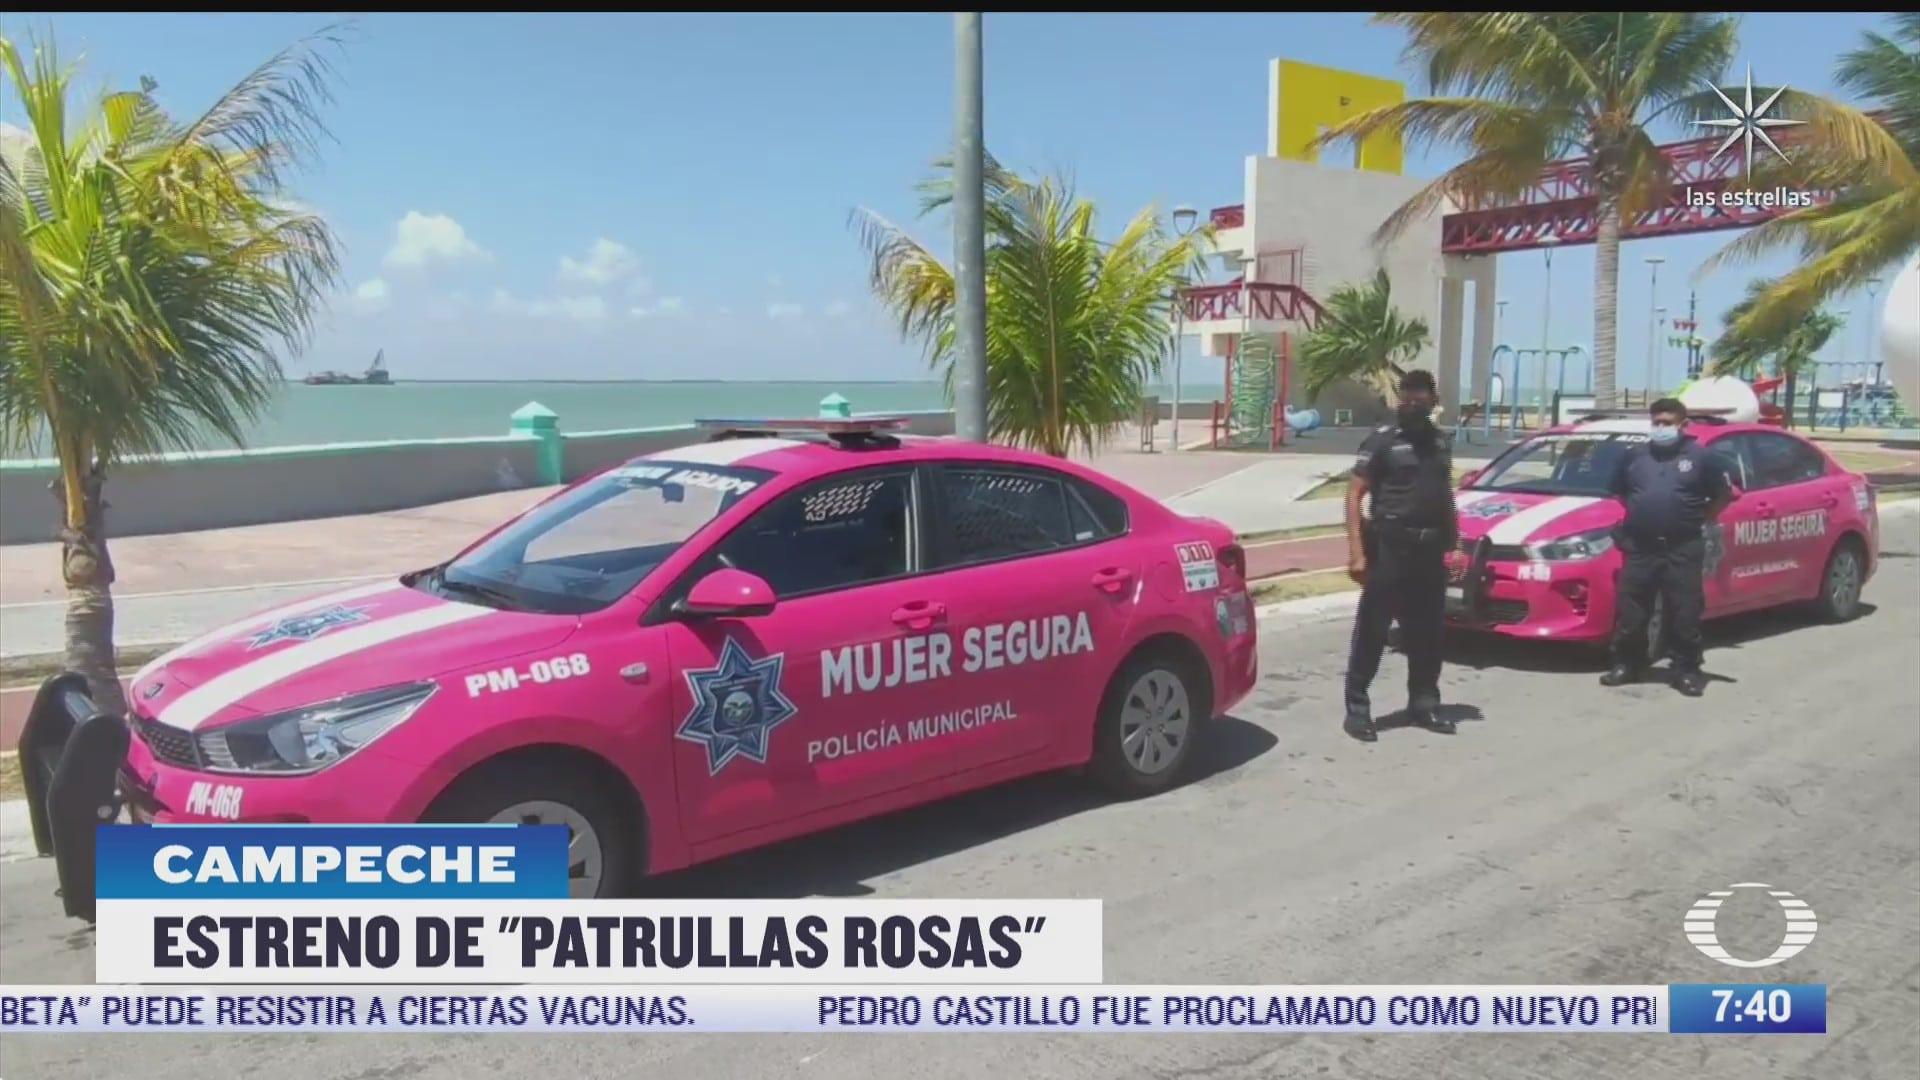 entran en operacion las patrullas rosas en campeche